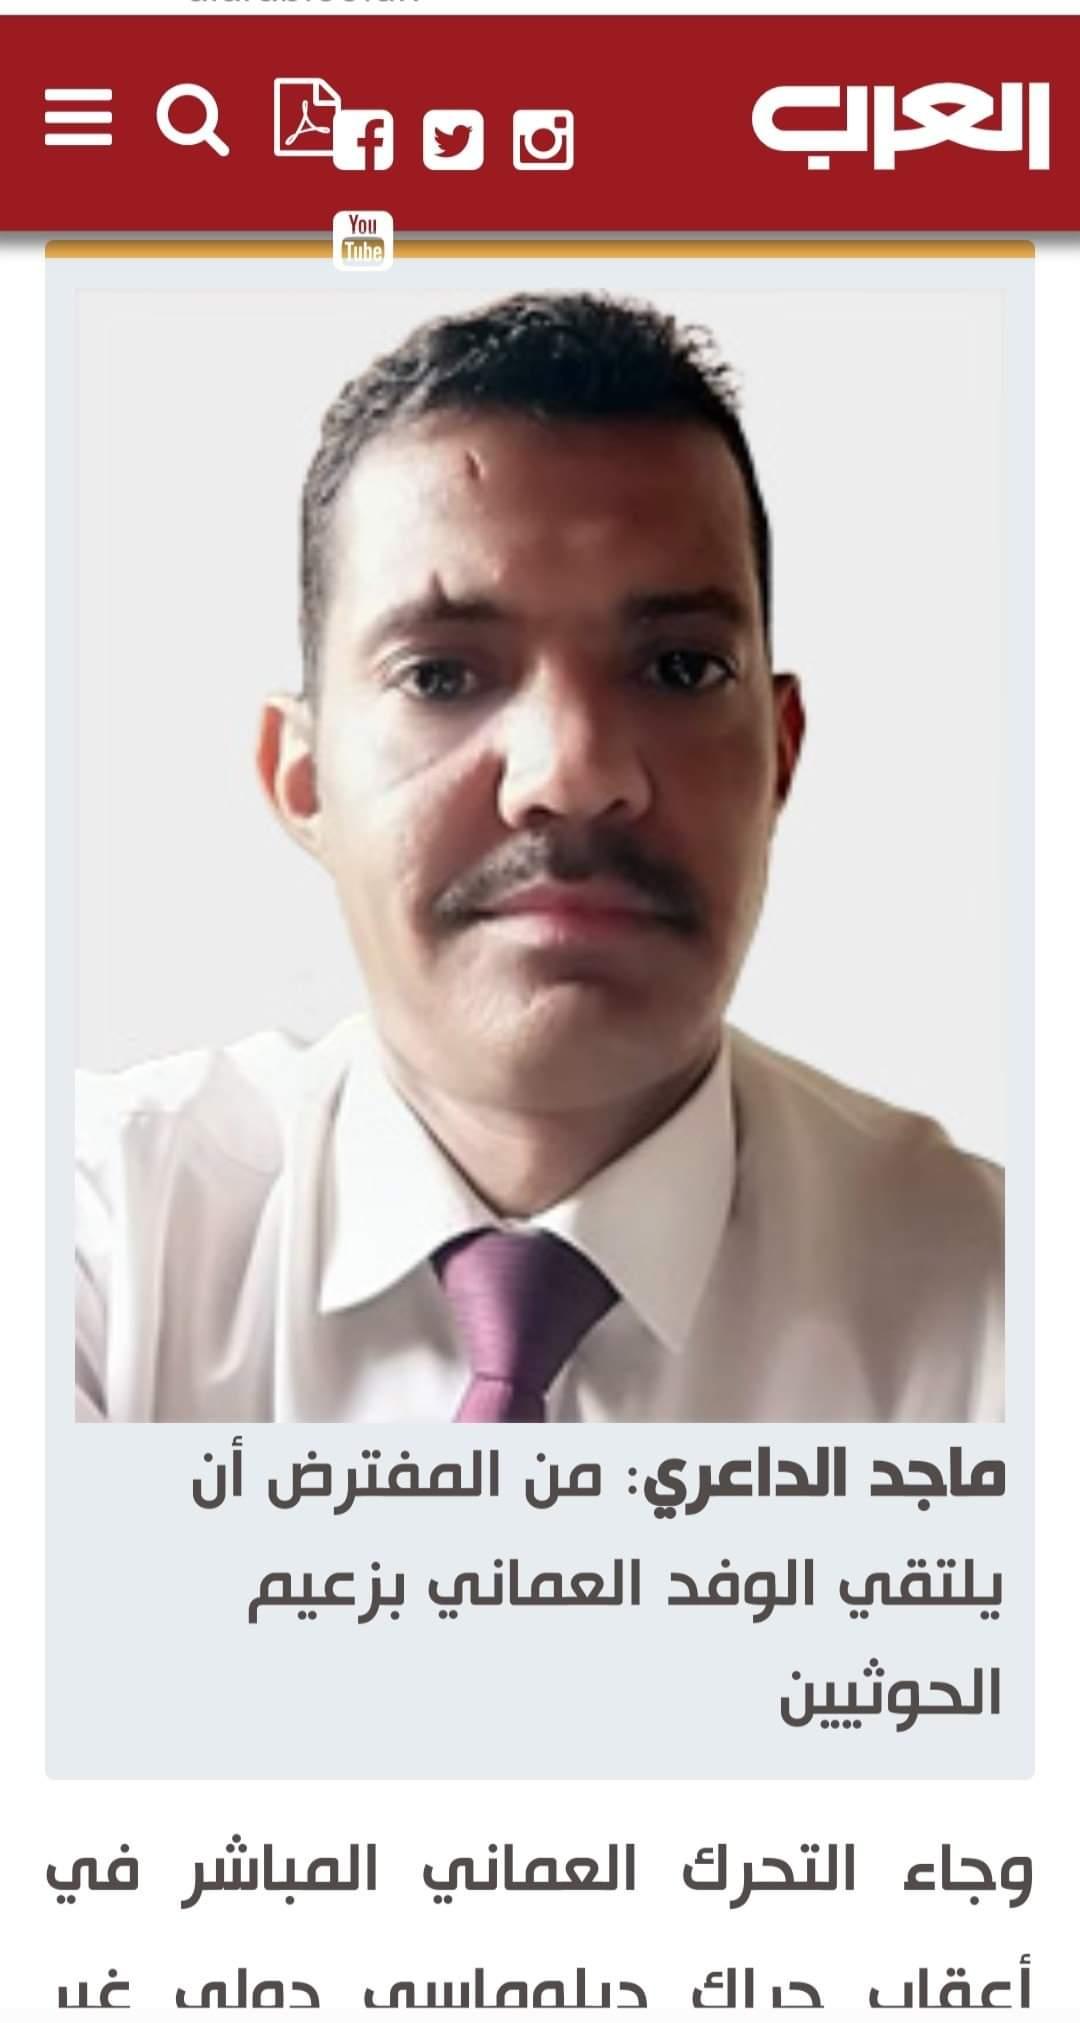 ماجد الداعري في تصريح لصحيفة العرب اللندنية